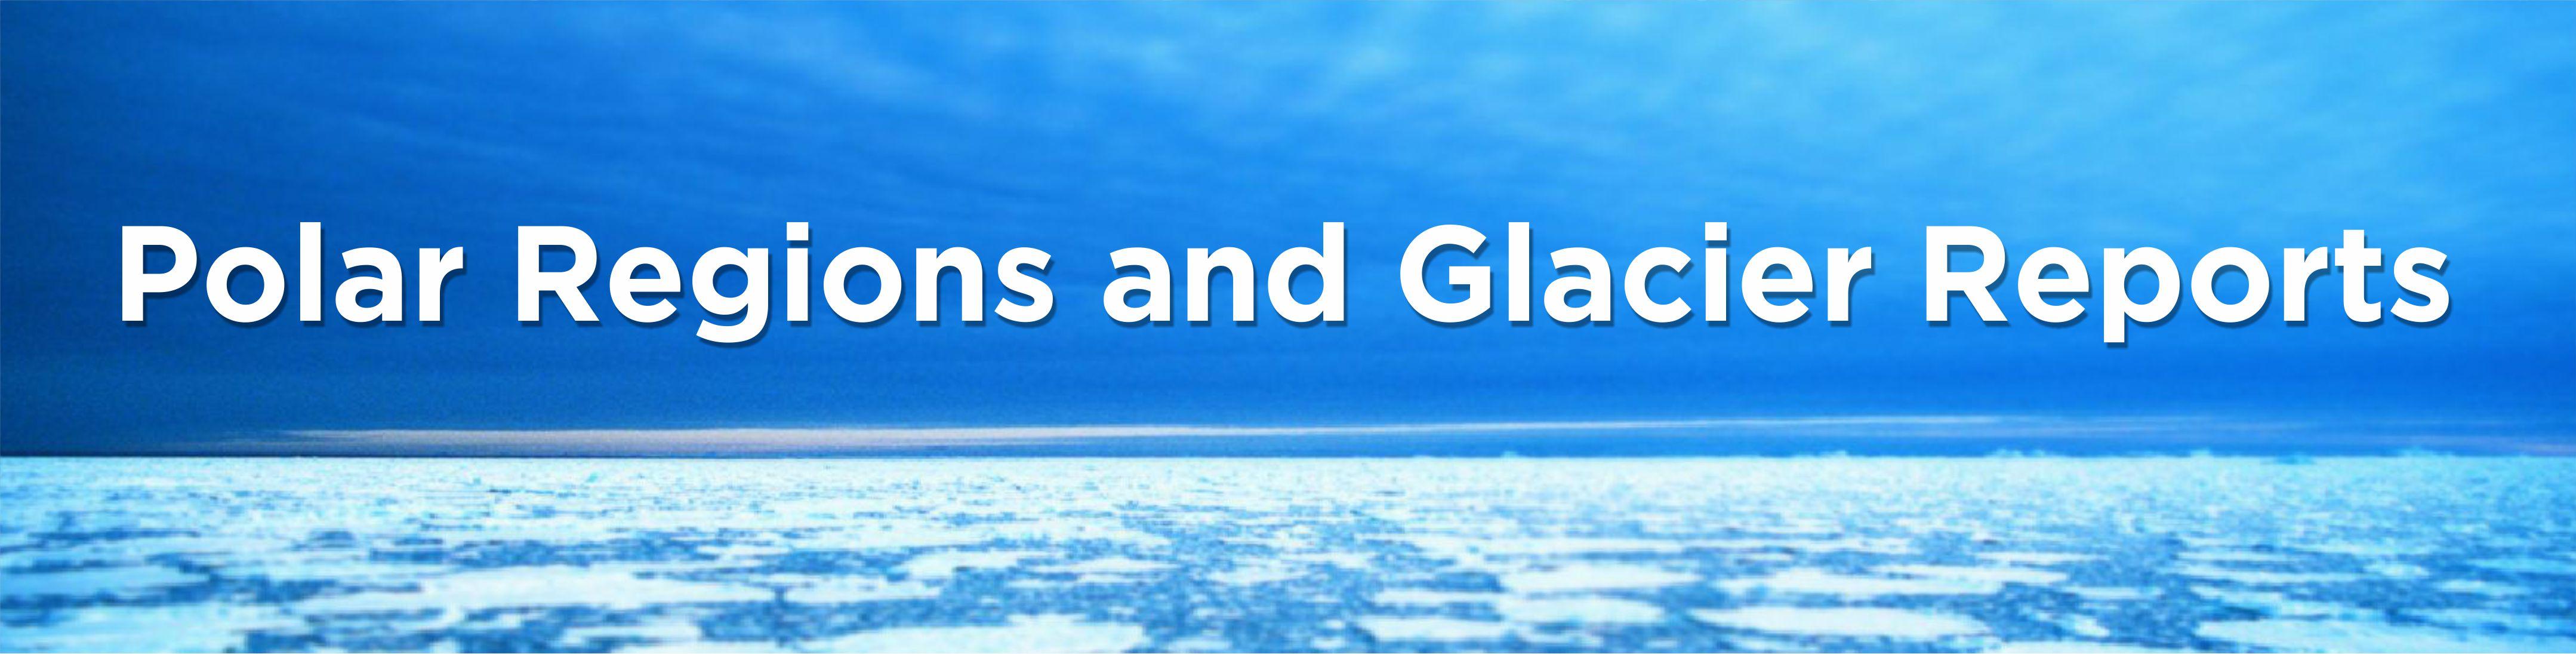 Arctic & Glaciers